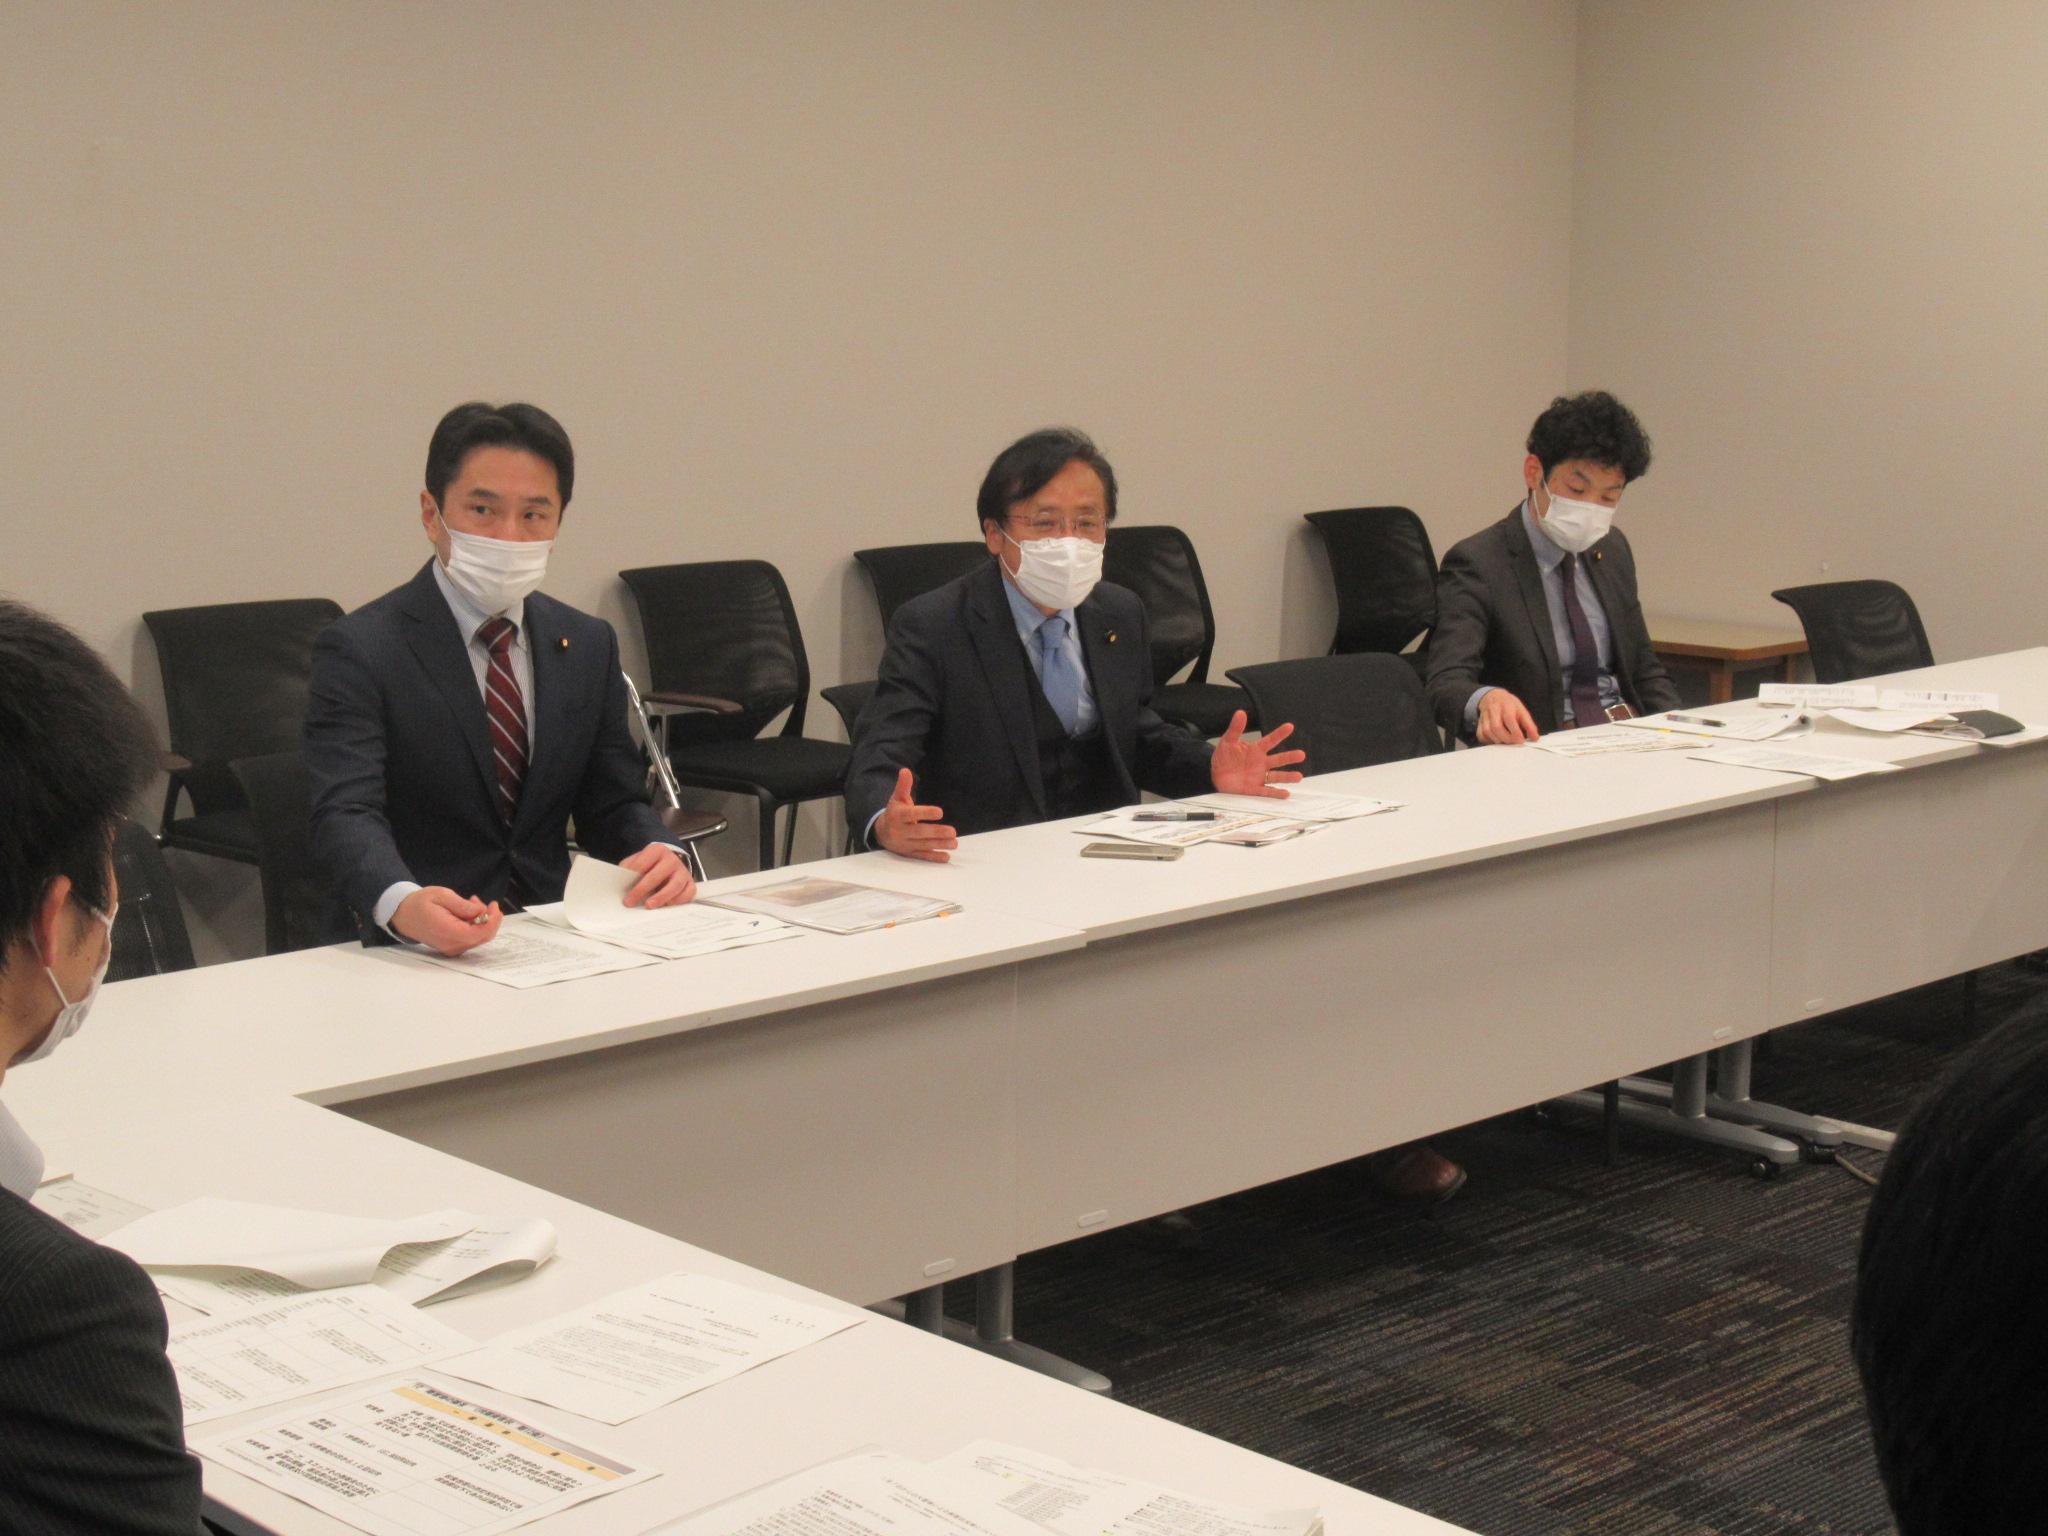 http://www.inoue-satoshi.com/diary/IMG_3741.JPG